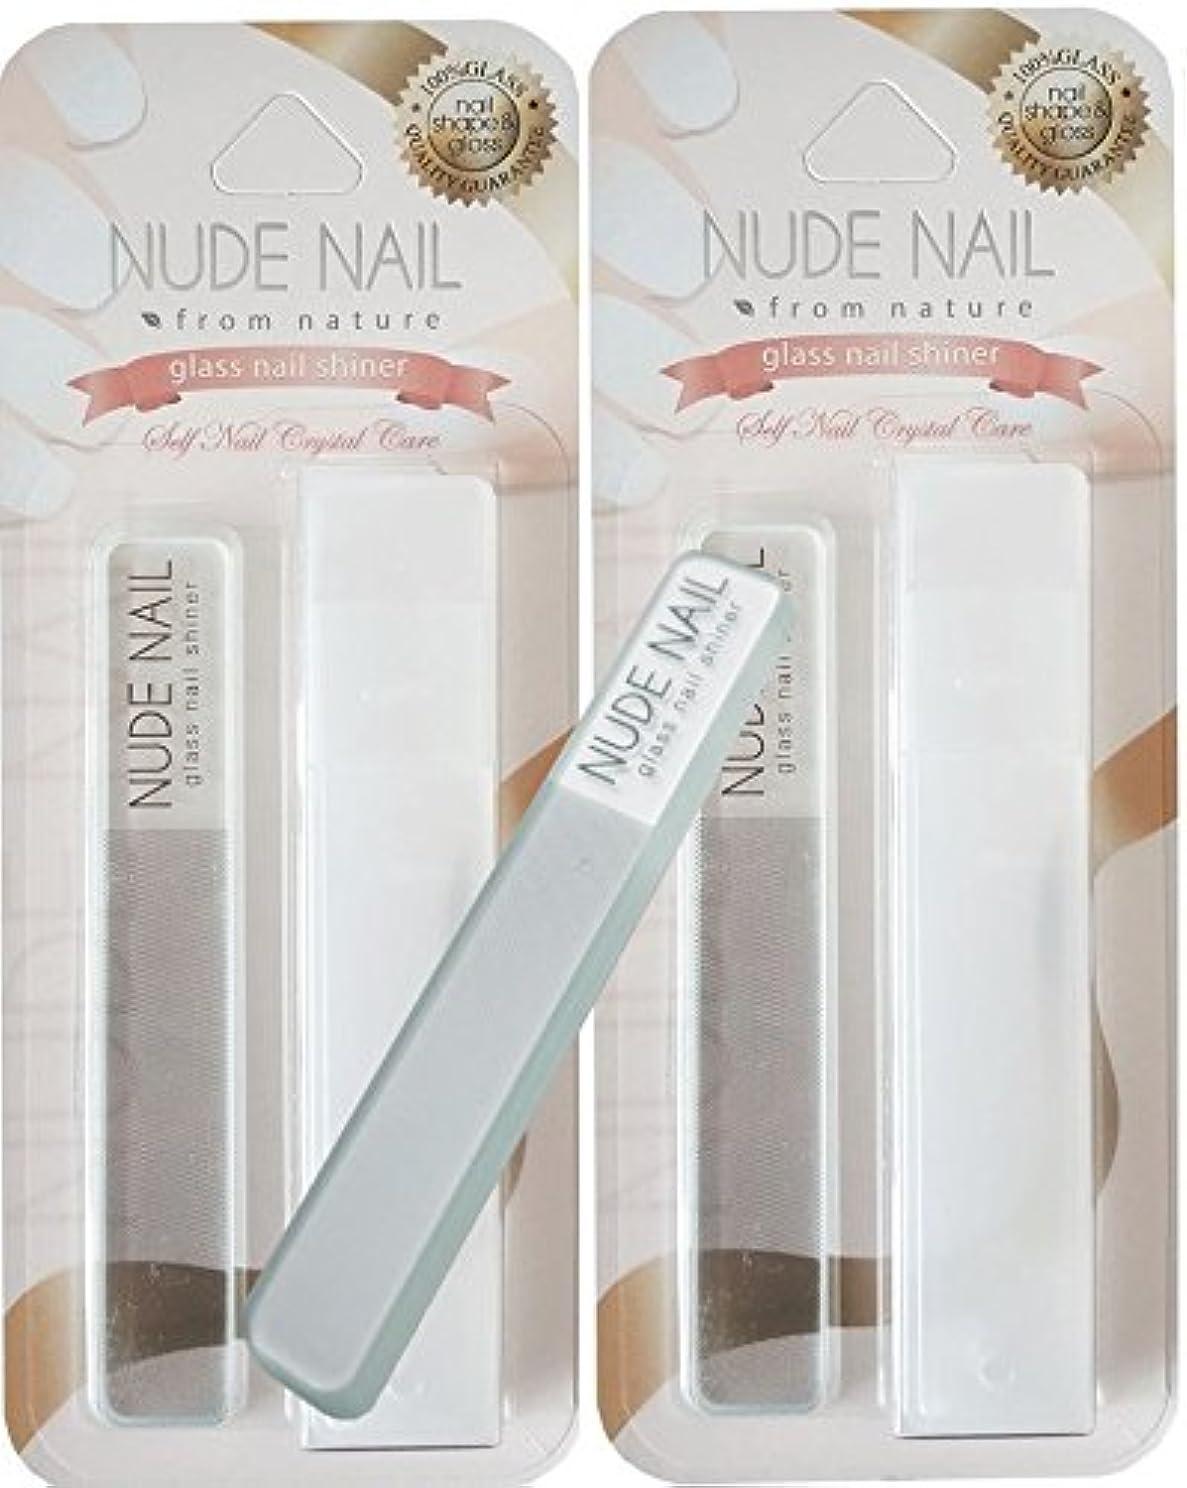 チロ流産ウェーハ【ZUMi】 ヌードネイルNUDE NAIL 2個+お試しサンプル1個無料(ケース付き)、まとめ買い,お土産用、爪やすり、お得2個+1個サンプル